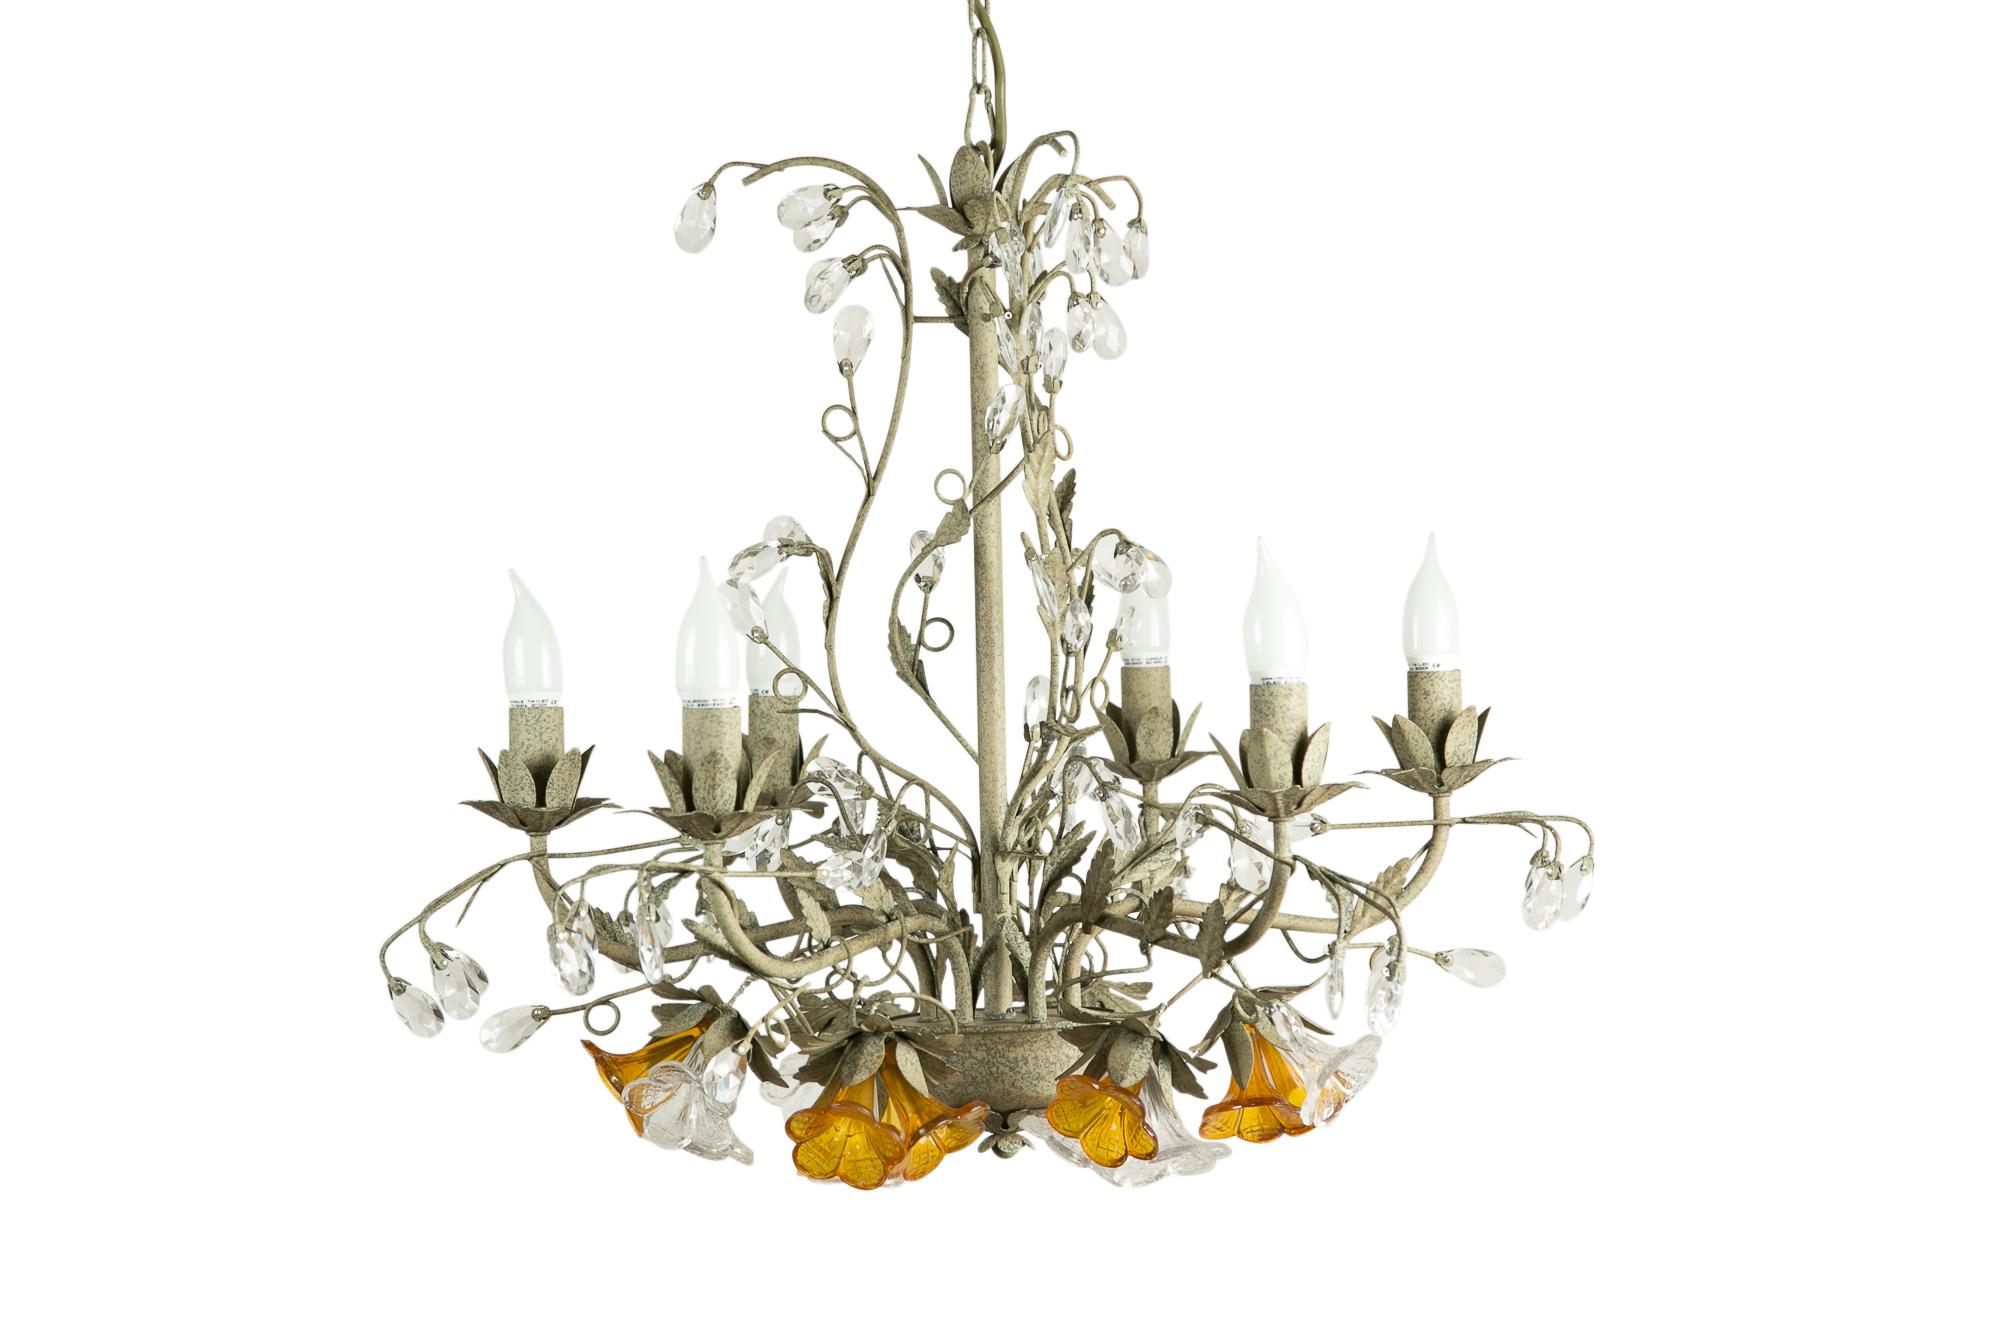 ЛюстраЛюстры подвесные<br>Люстра от Deco-Home ? настоящее произведение искусства, на создание которого человека вдохновила безграничная красота природы. По виду она напоминает куст цветов, который распустился с приходом весны. Сами лампочки находятся в будто&amp;amp;nbsp;раскрывшихся навстречу солнцу бутонах. Люстра идеально подходит для романтичной спальни или кухни в стиле прованс.&amp;lt;div&amp;gt;&amp;lt;div&amp;gt;&amp;lt;br&amp;gt;&amp;lt;/div&amp;gt;&amp;lt;div&amp;gt;Е14, 6 х 40Вт&amp;lt;br&amp;gt;&amp;lt;/div&amp;gt;&amp;lt;/div&amp;gt;<br><br>Material: Металл<br>Length см: 72<br>Width см: 72<br>Height см: 58